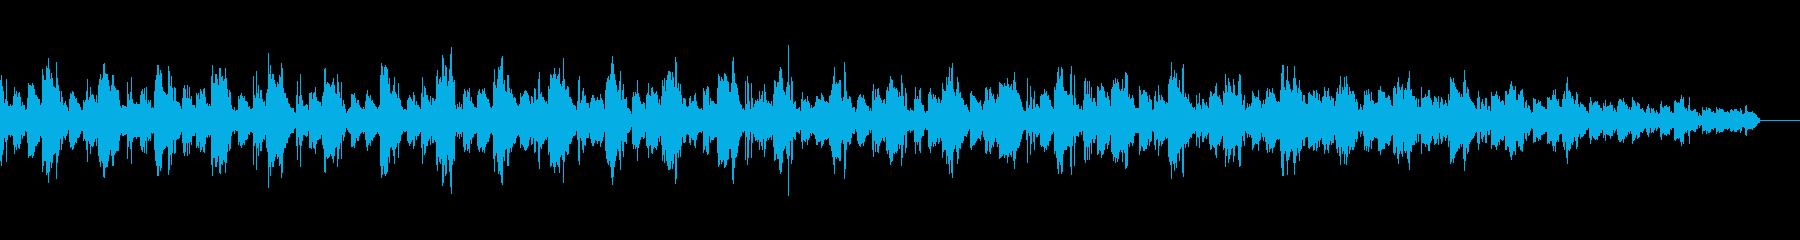 【ループB】クールなテクノトラックの再生済みの波形